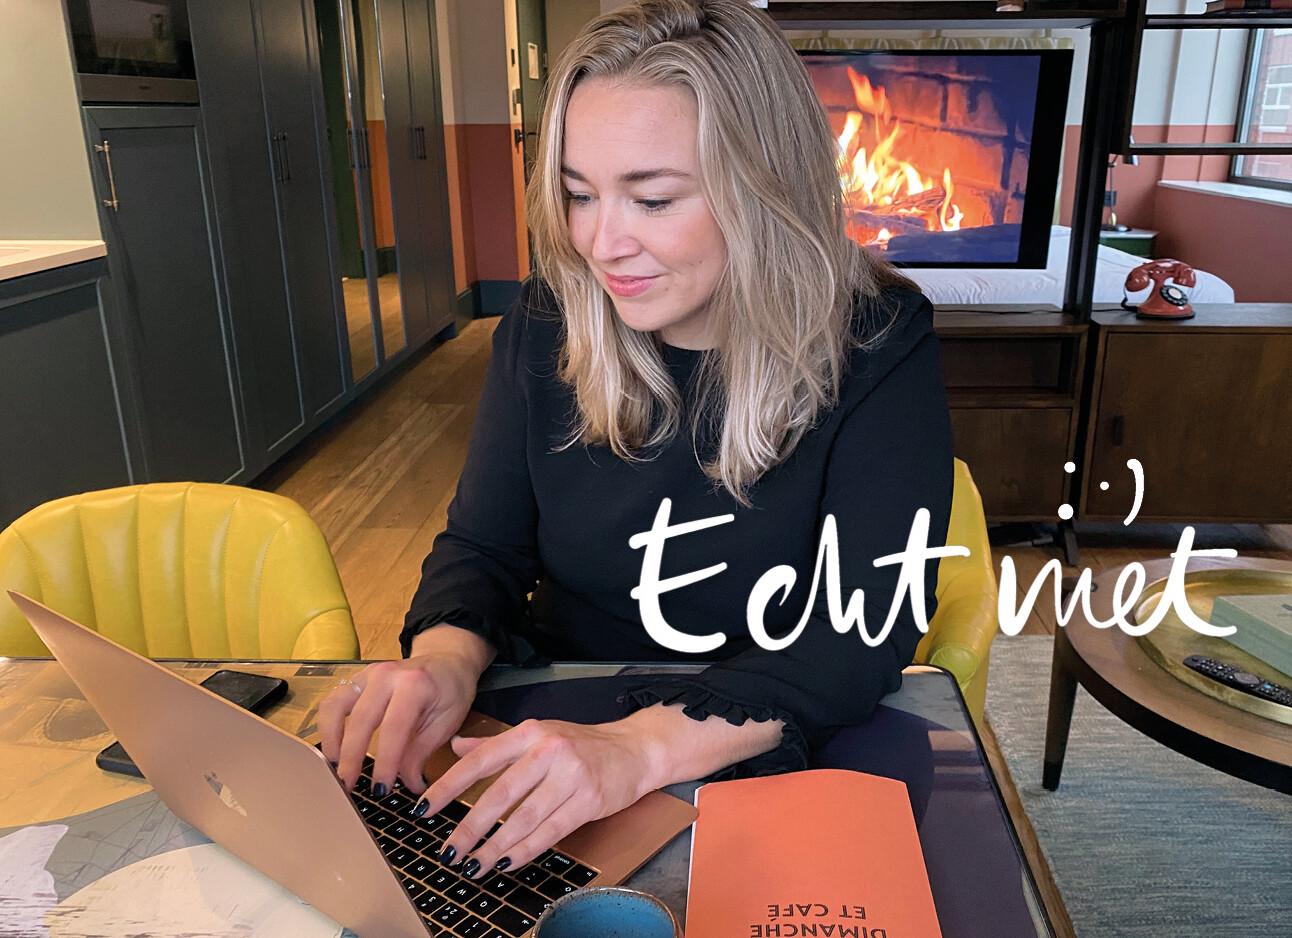 Adeline Mans achter haar laptop een mail aan het typen